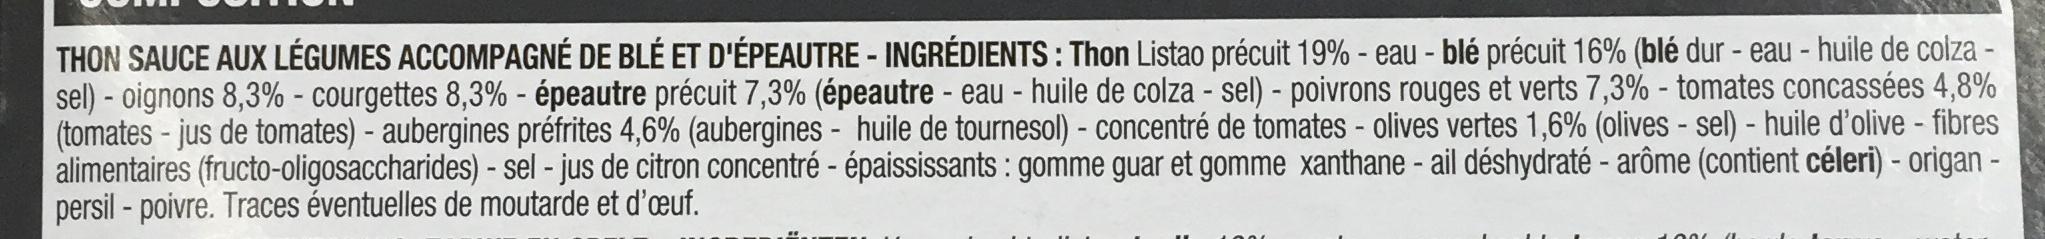 Thon à la provençale et son blé - Ingrédients - fr